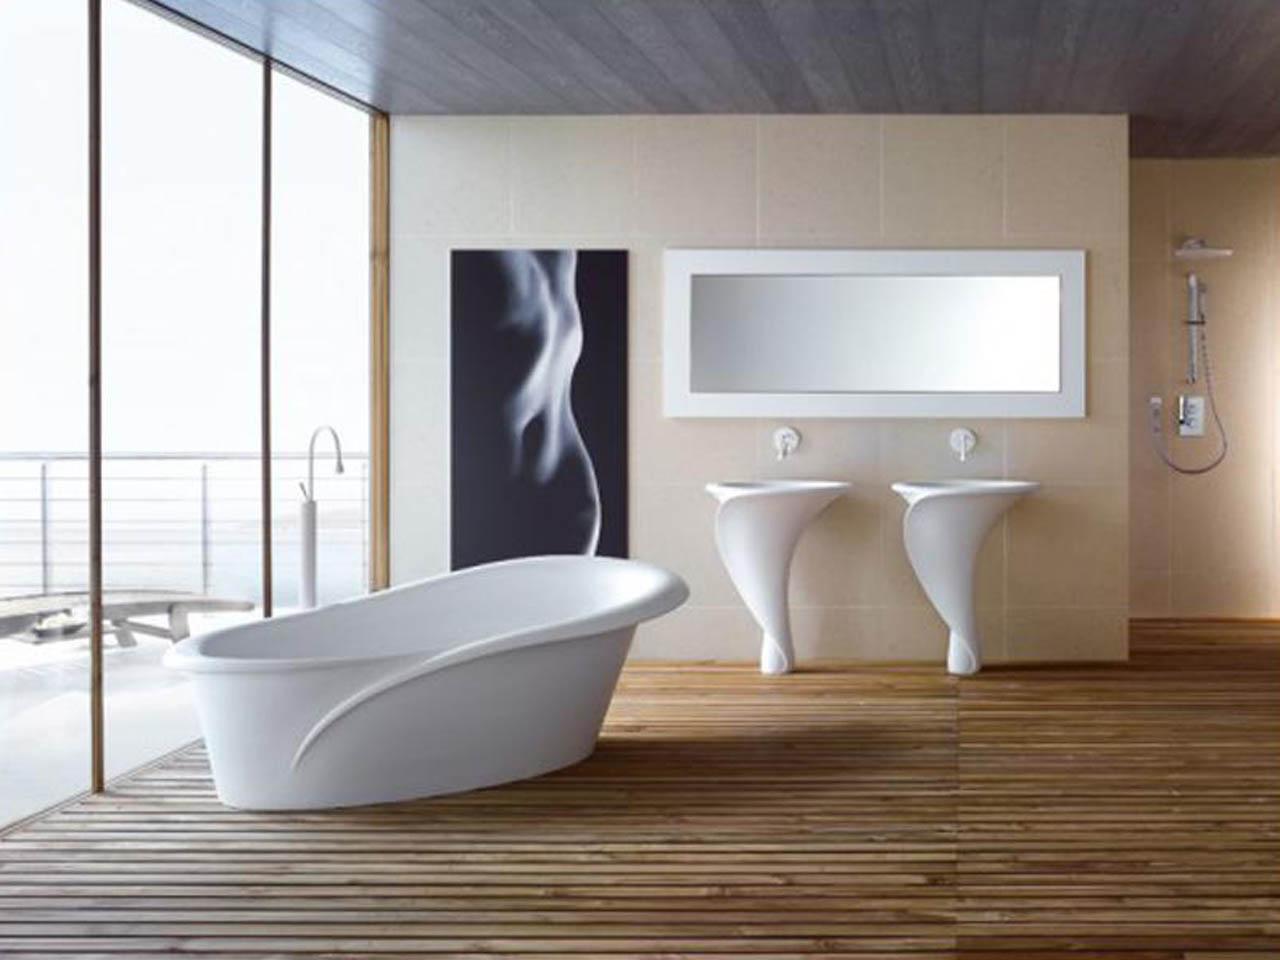 İtalyan tarzı banyo dekorasyonu örneği